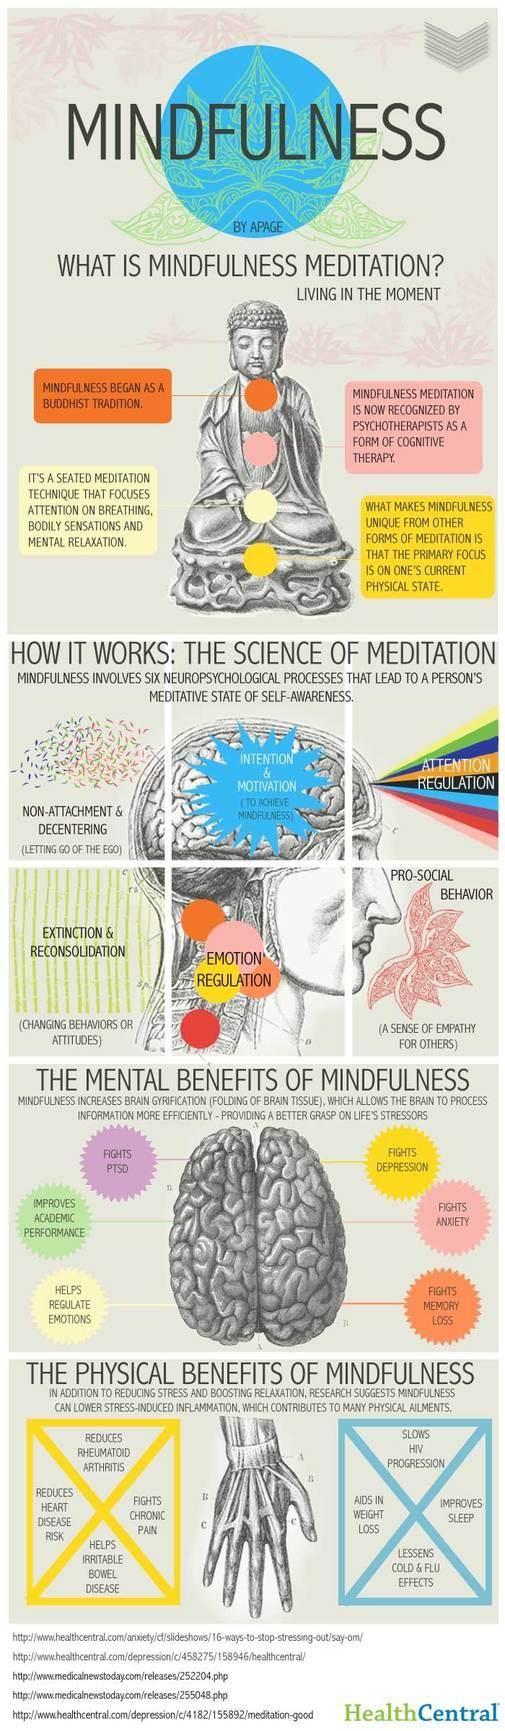 le fonctionnement de la méditation de pleine conscience